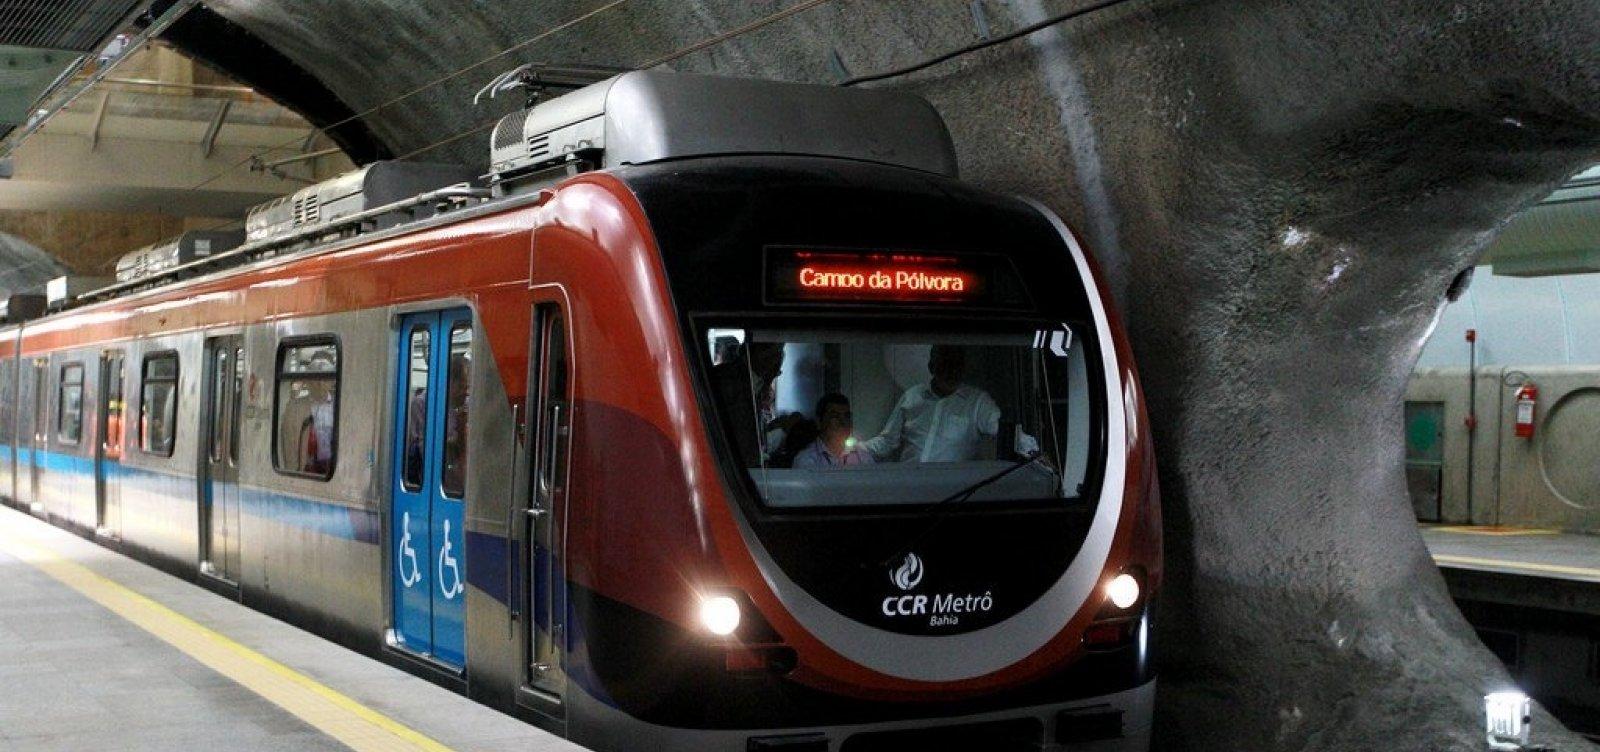 Show de Roger Waters amplia operação do metrô no Campo da Pólvora